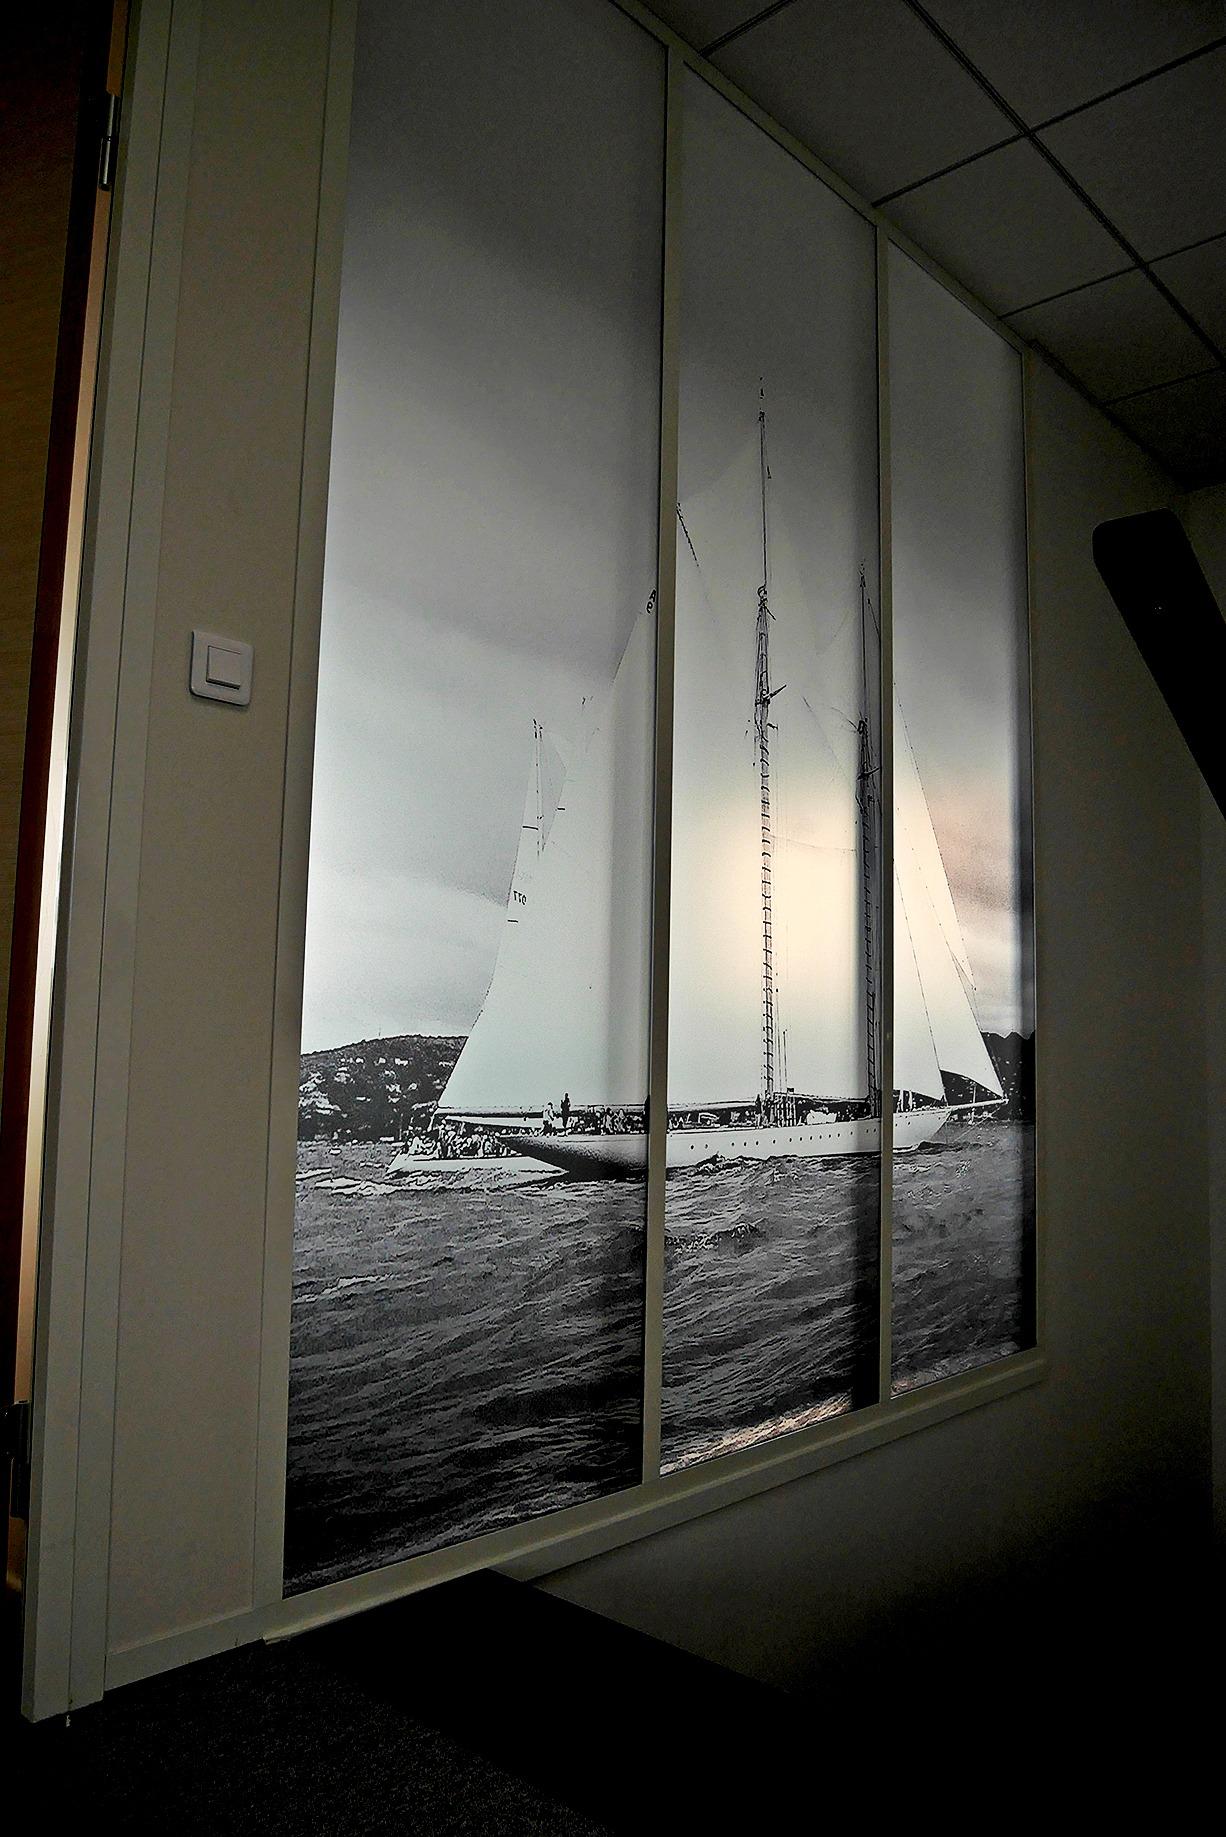 vitrophanie-bateau-transparent-depoli